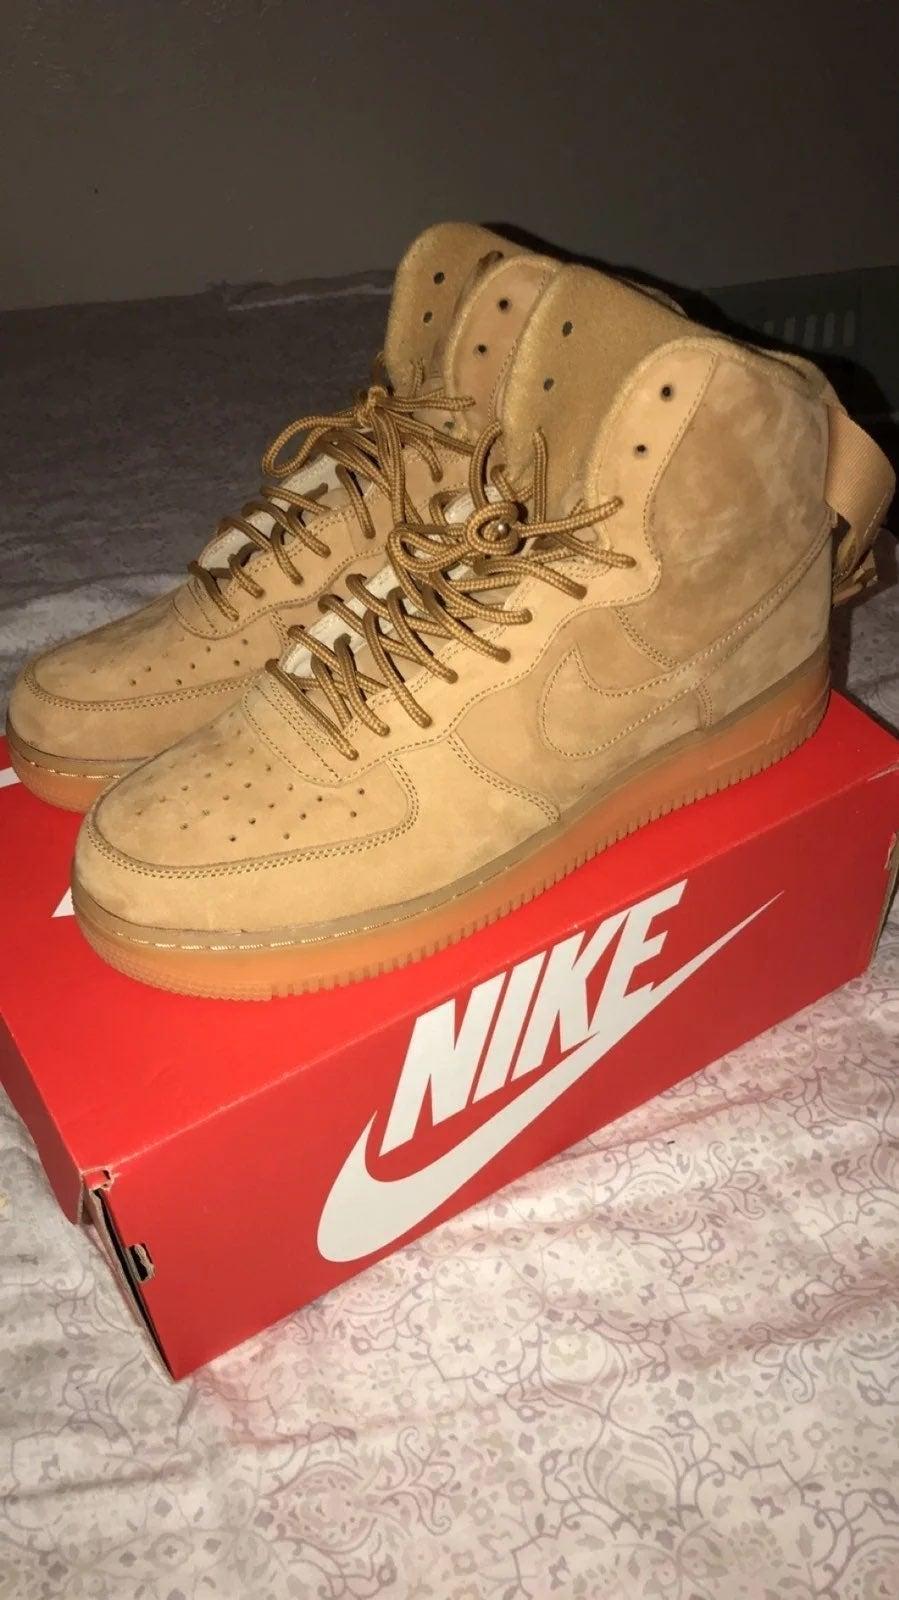 Nike AF1 High Flax